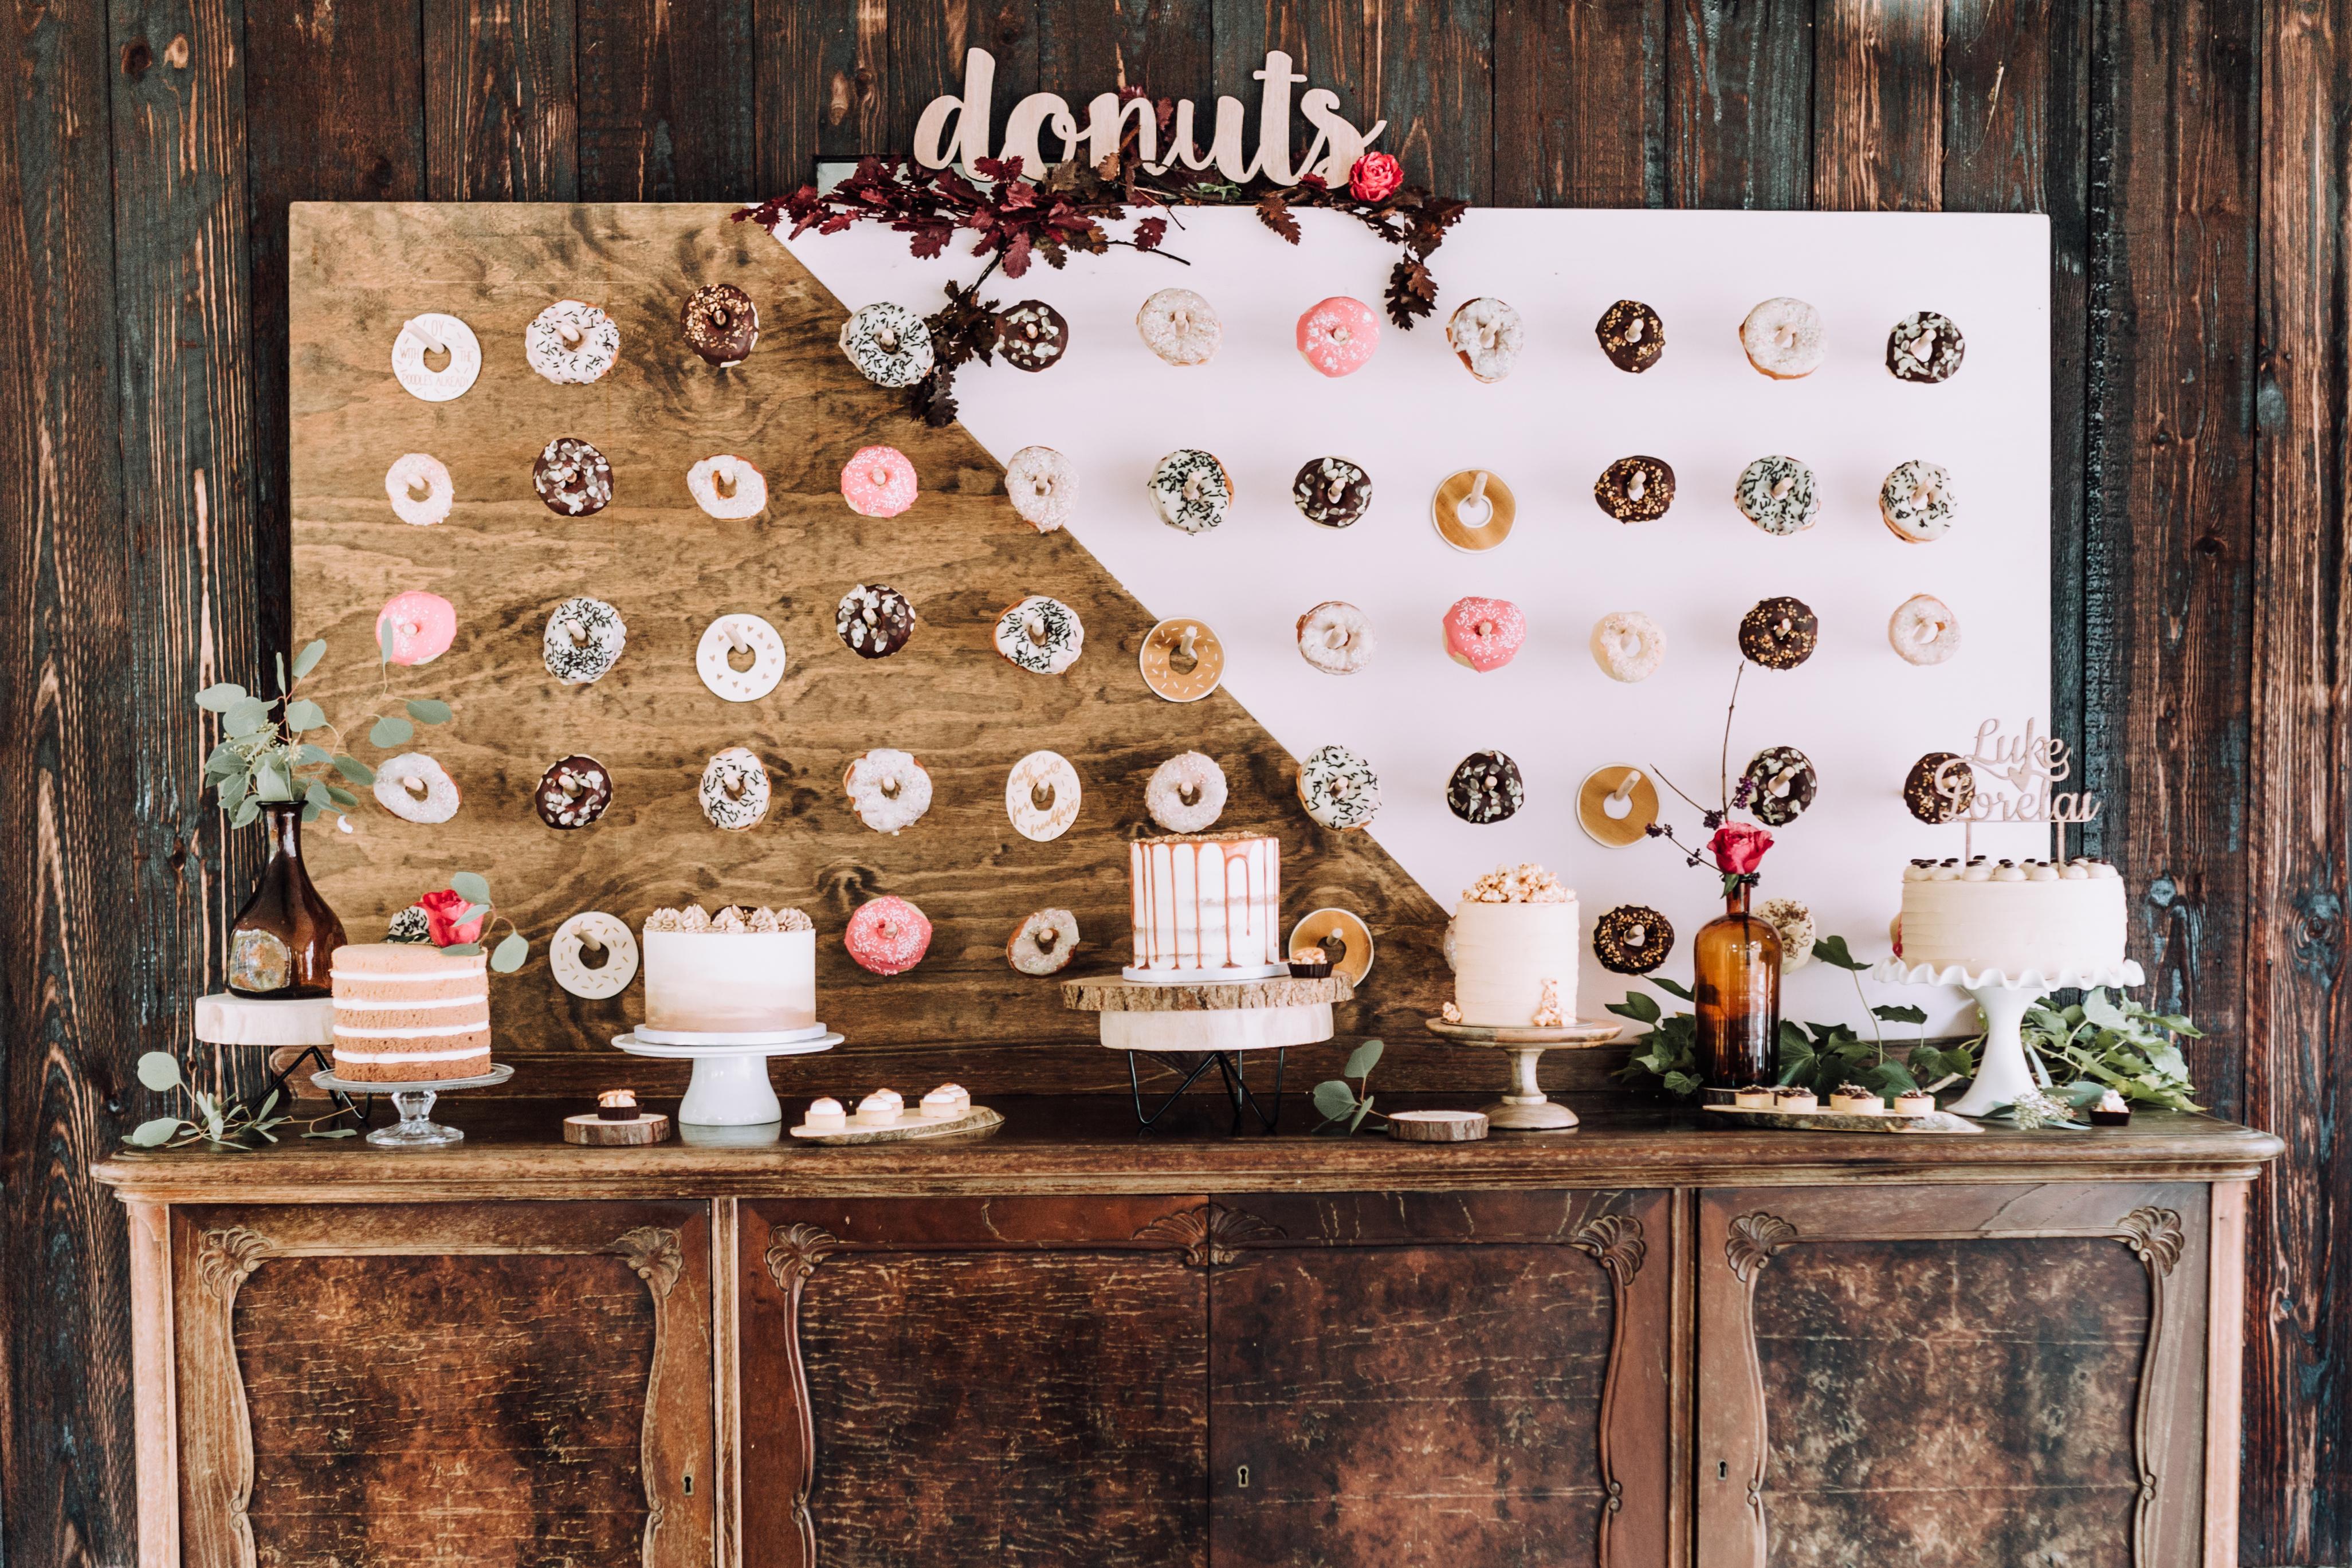 1. Donut wall